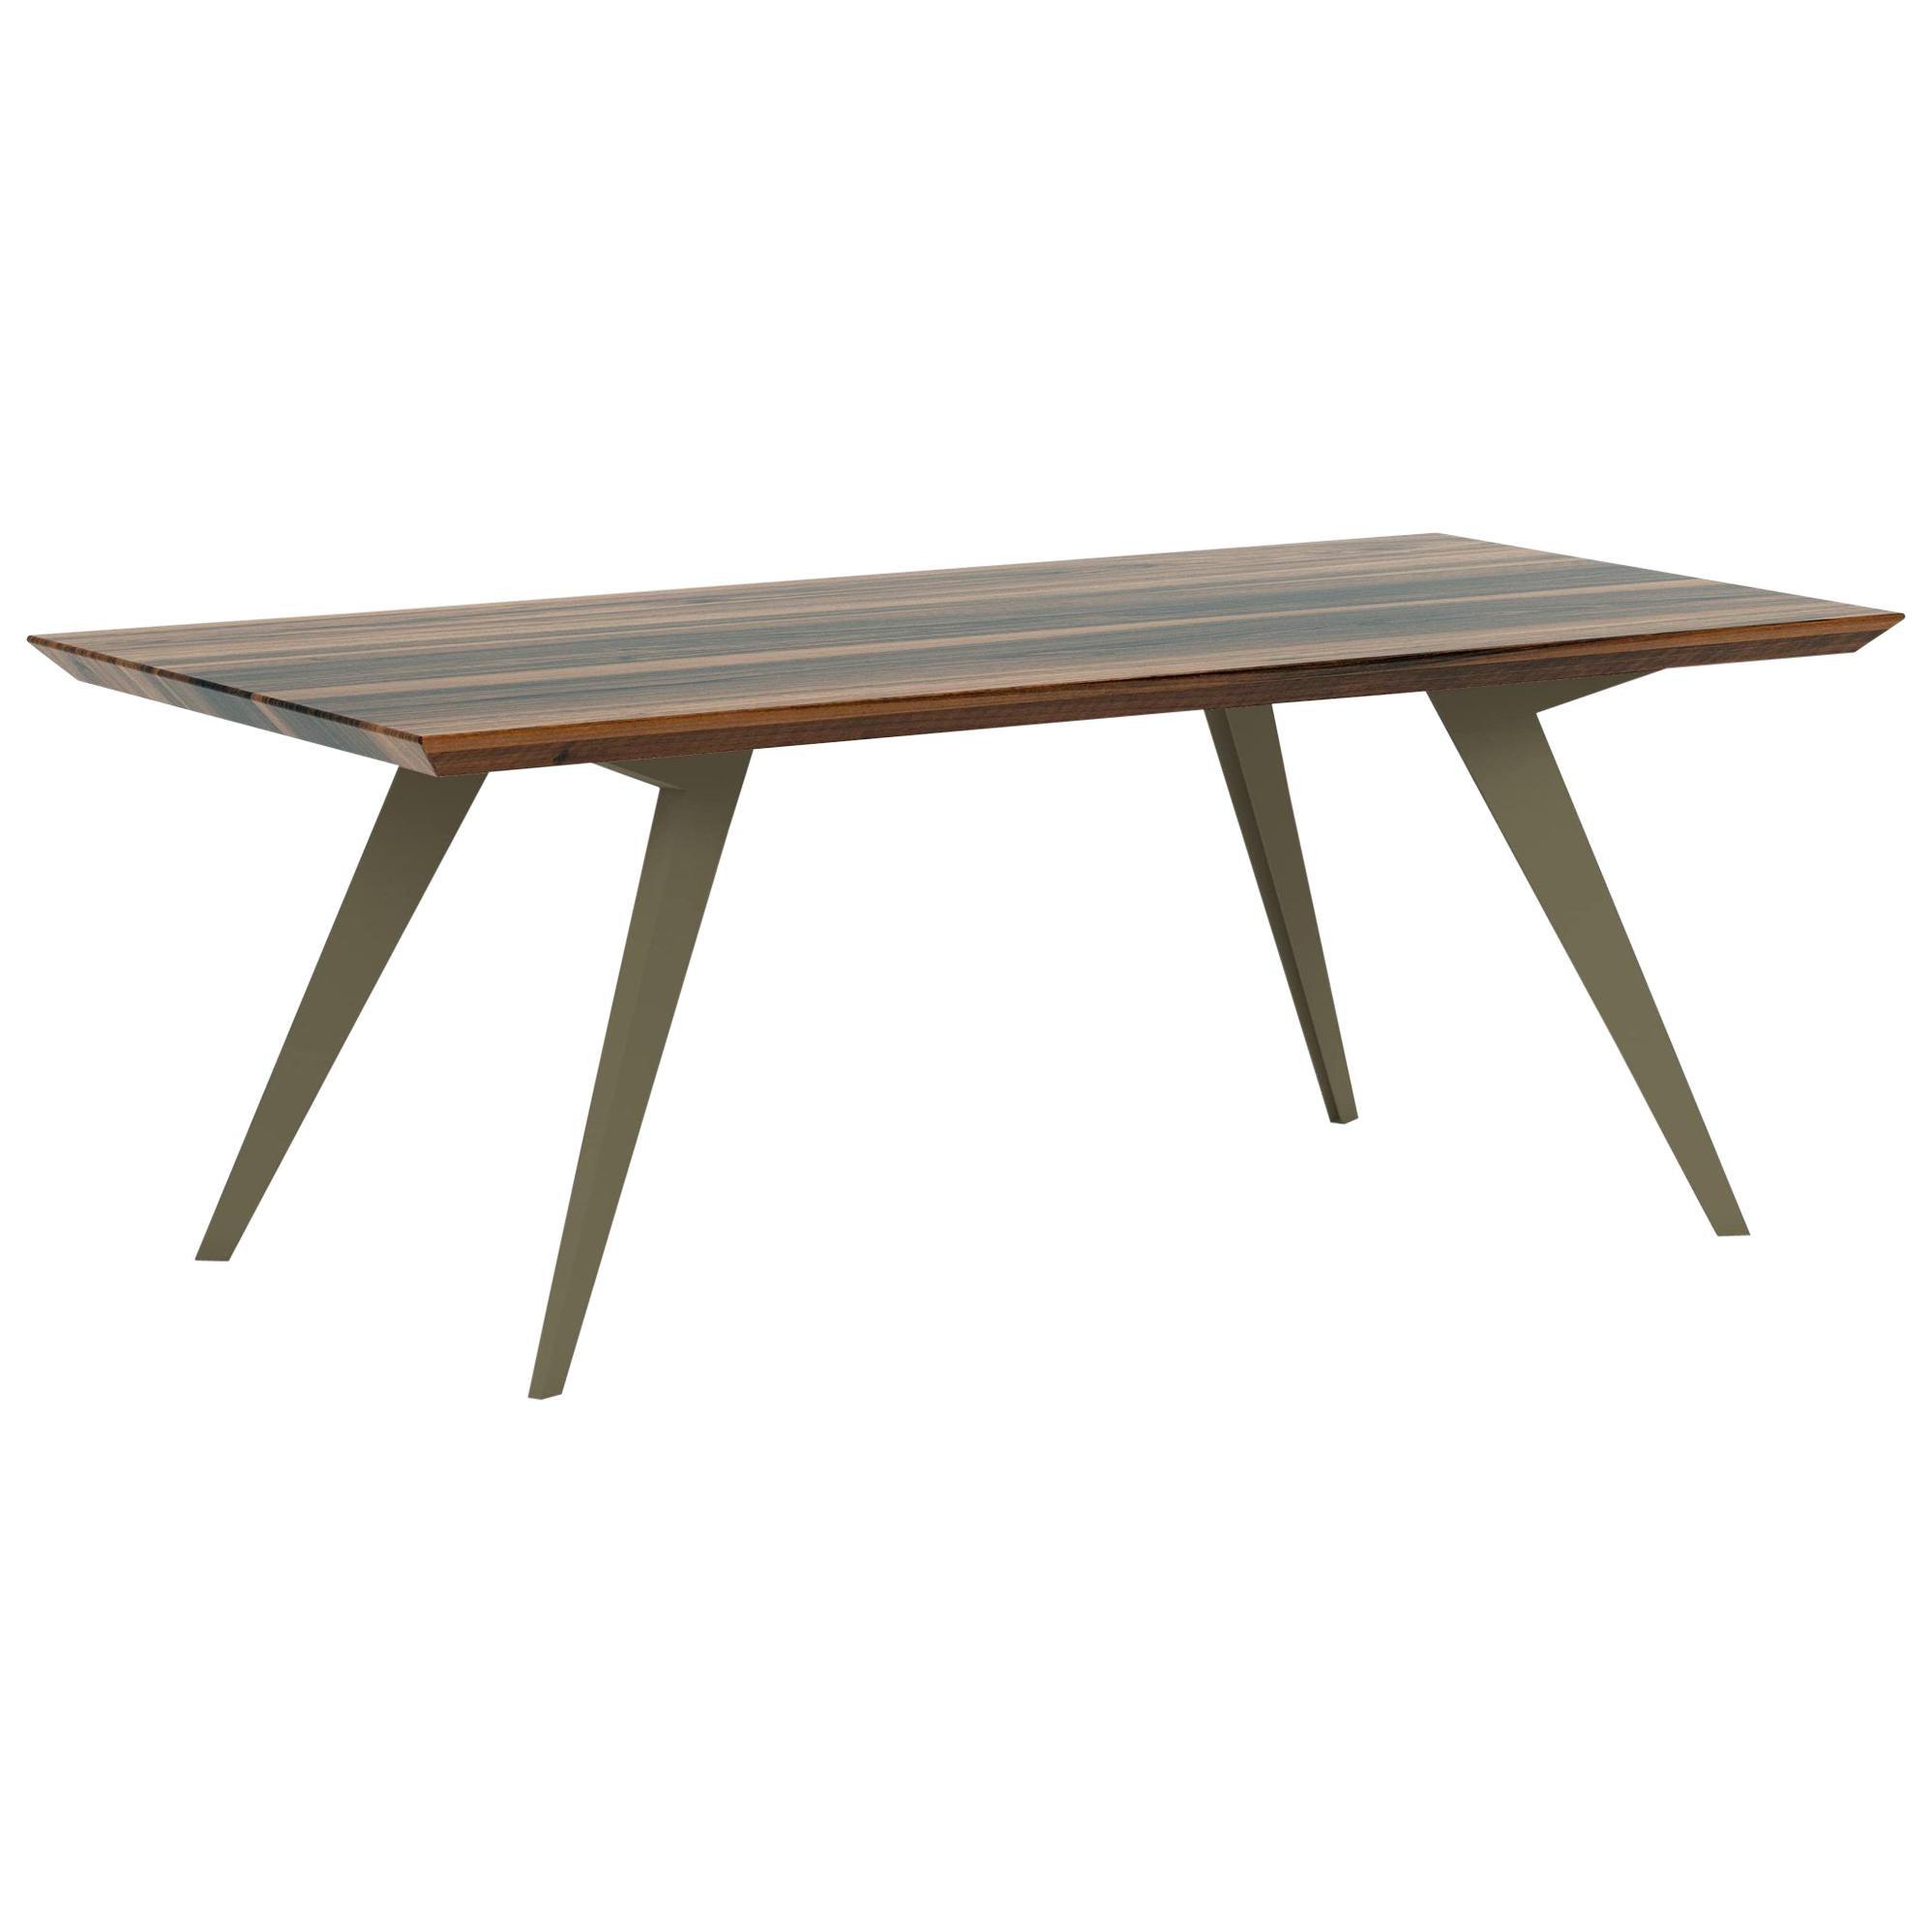 Walnut and Steel Minimalist 250 Dining Table